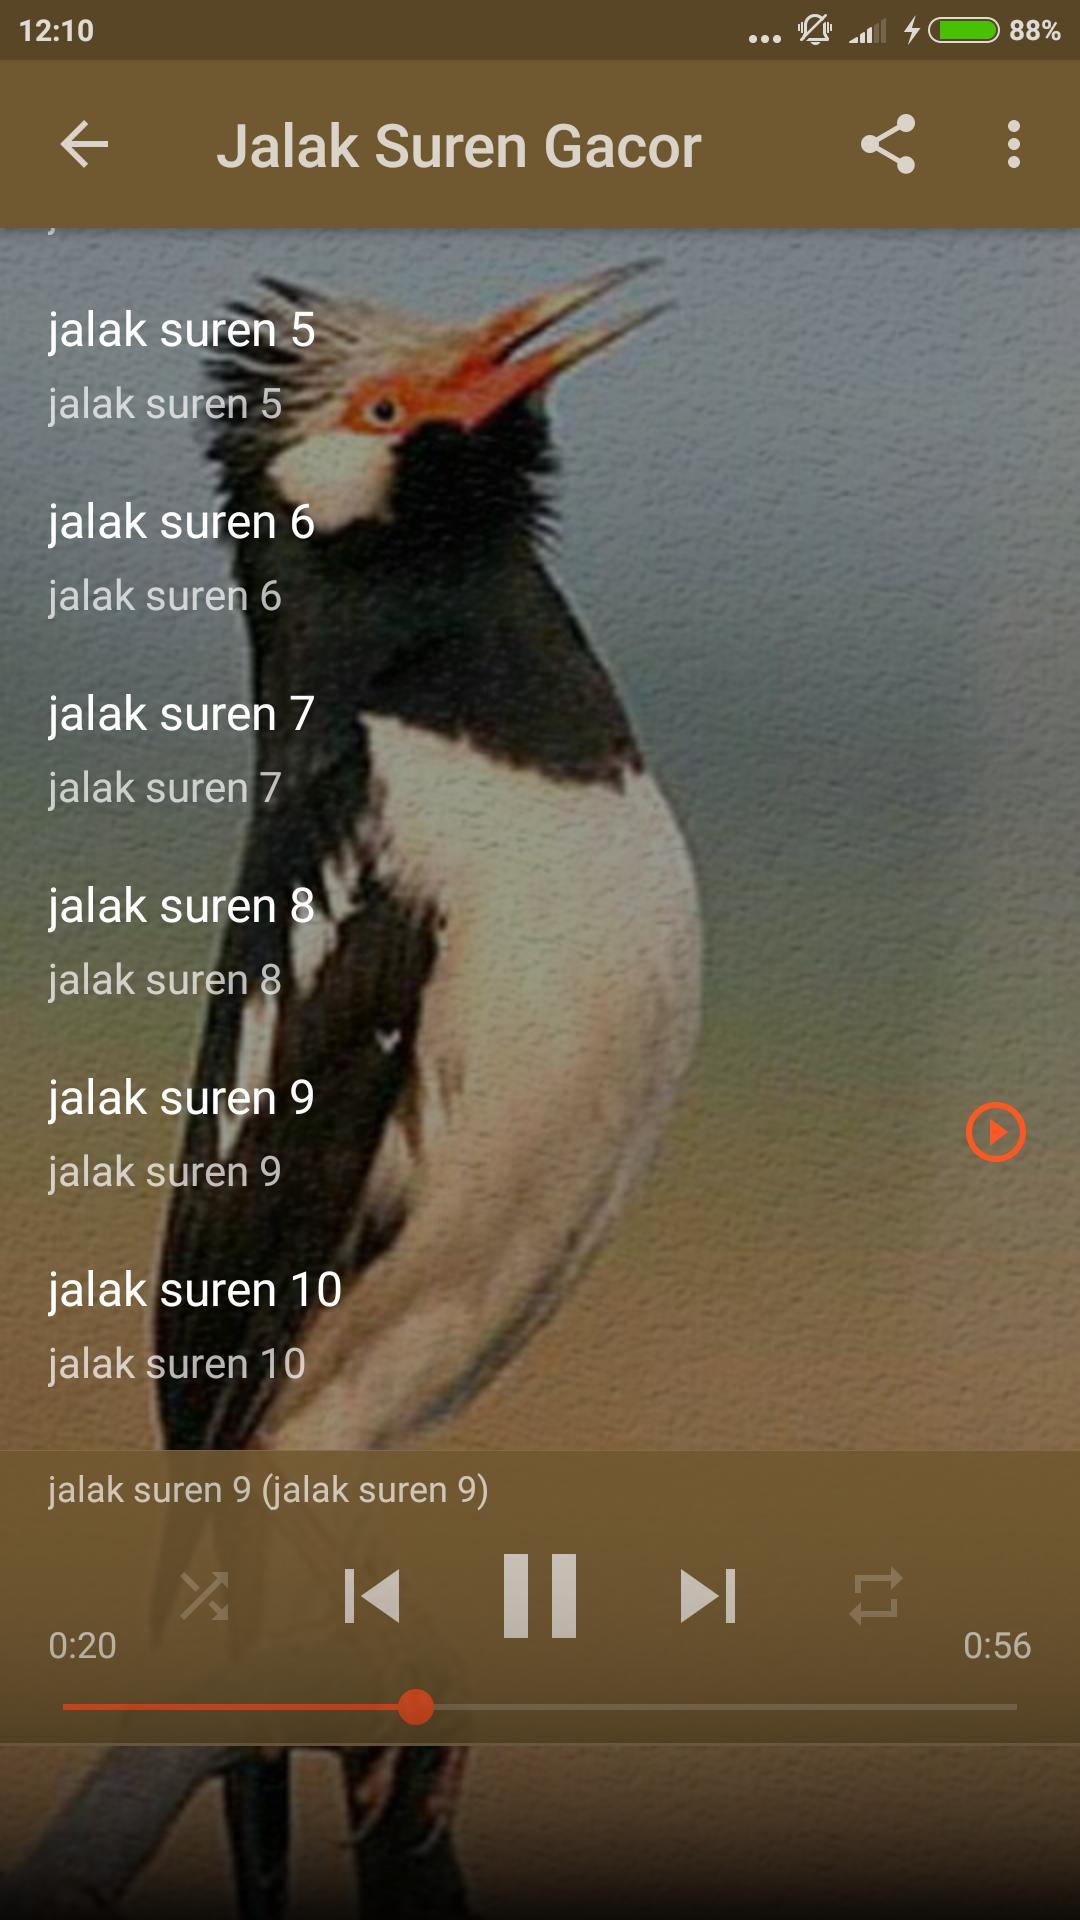 Suara Burung Jalak Suren Jawa For Android Apk Download